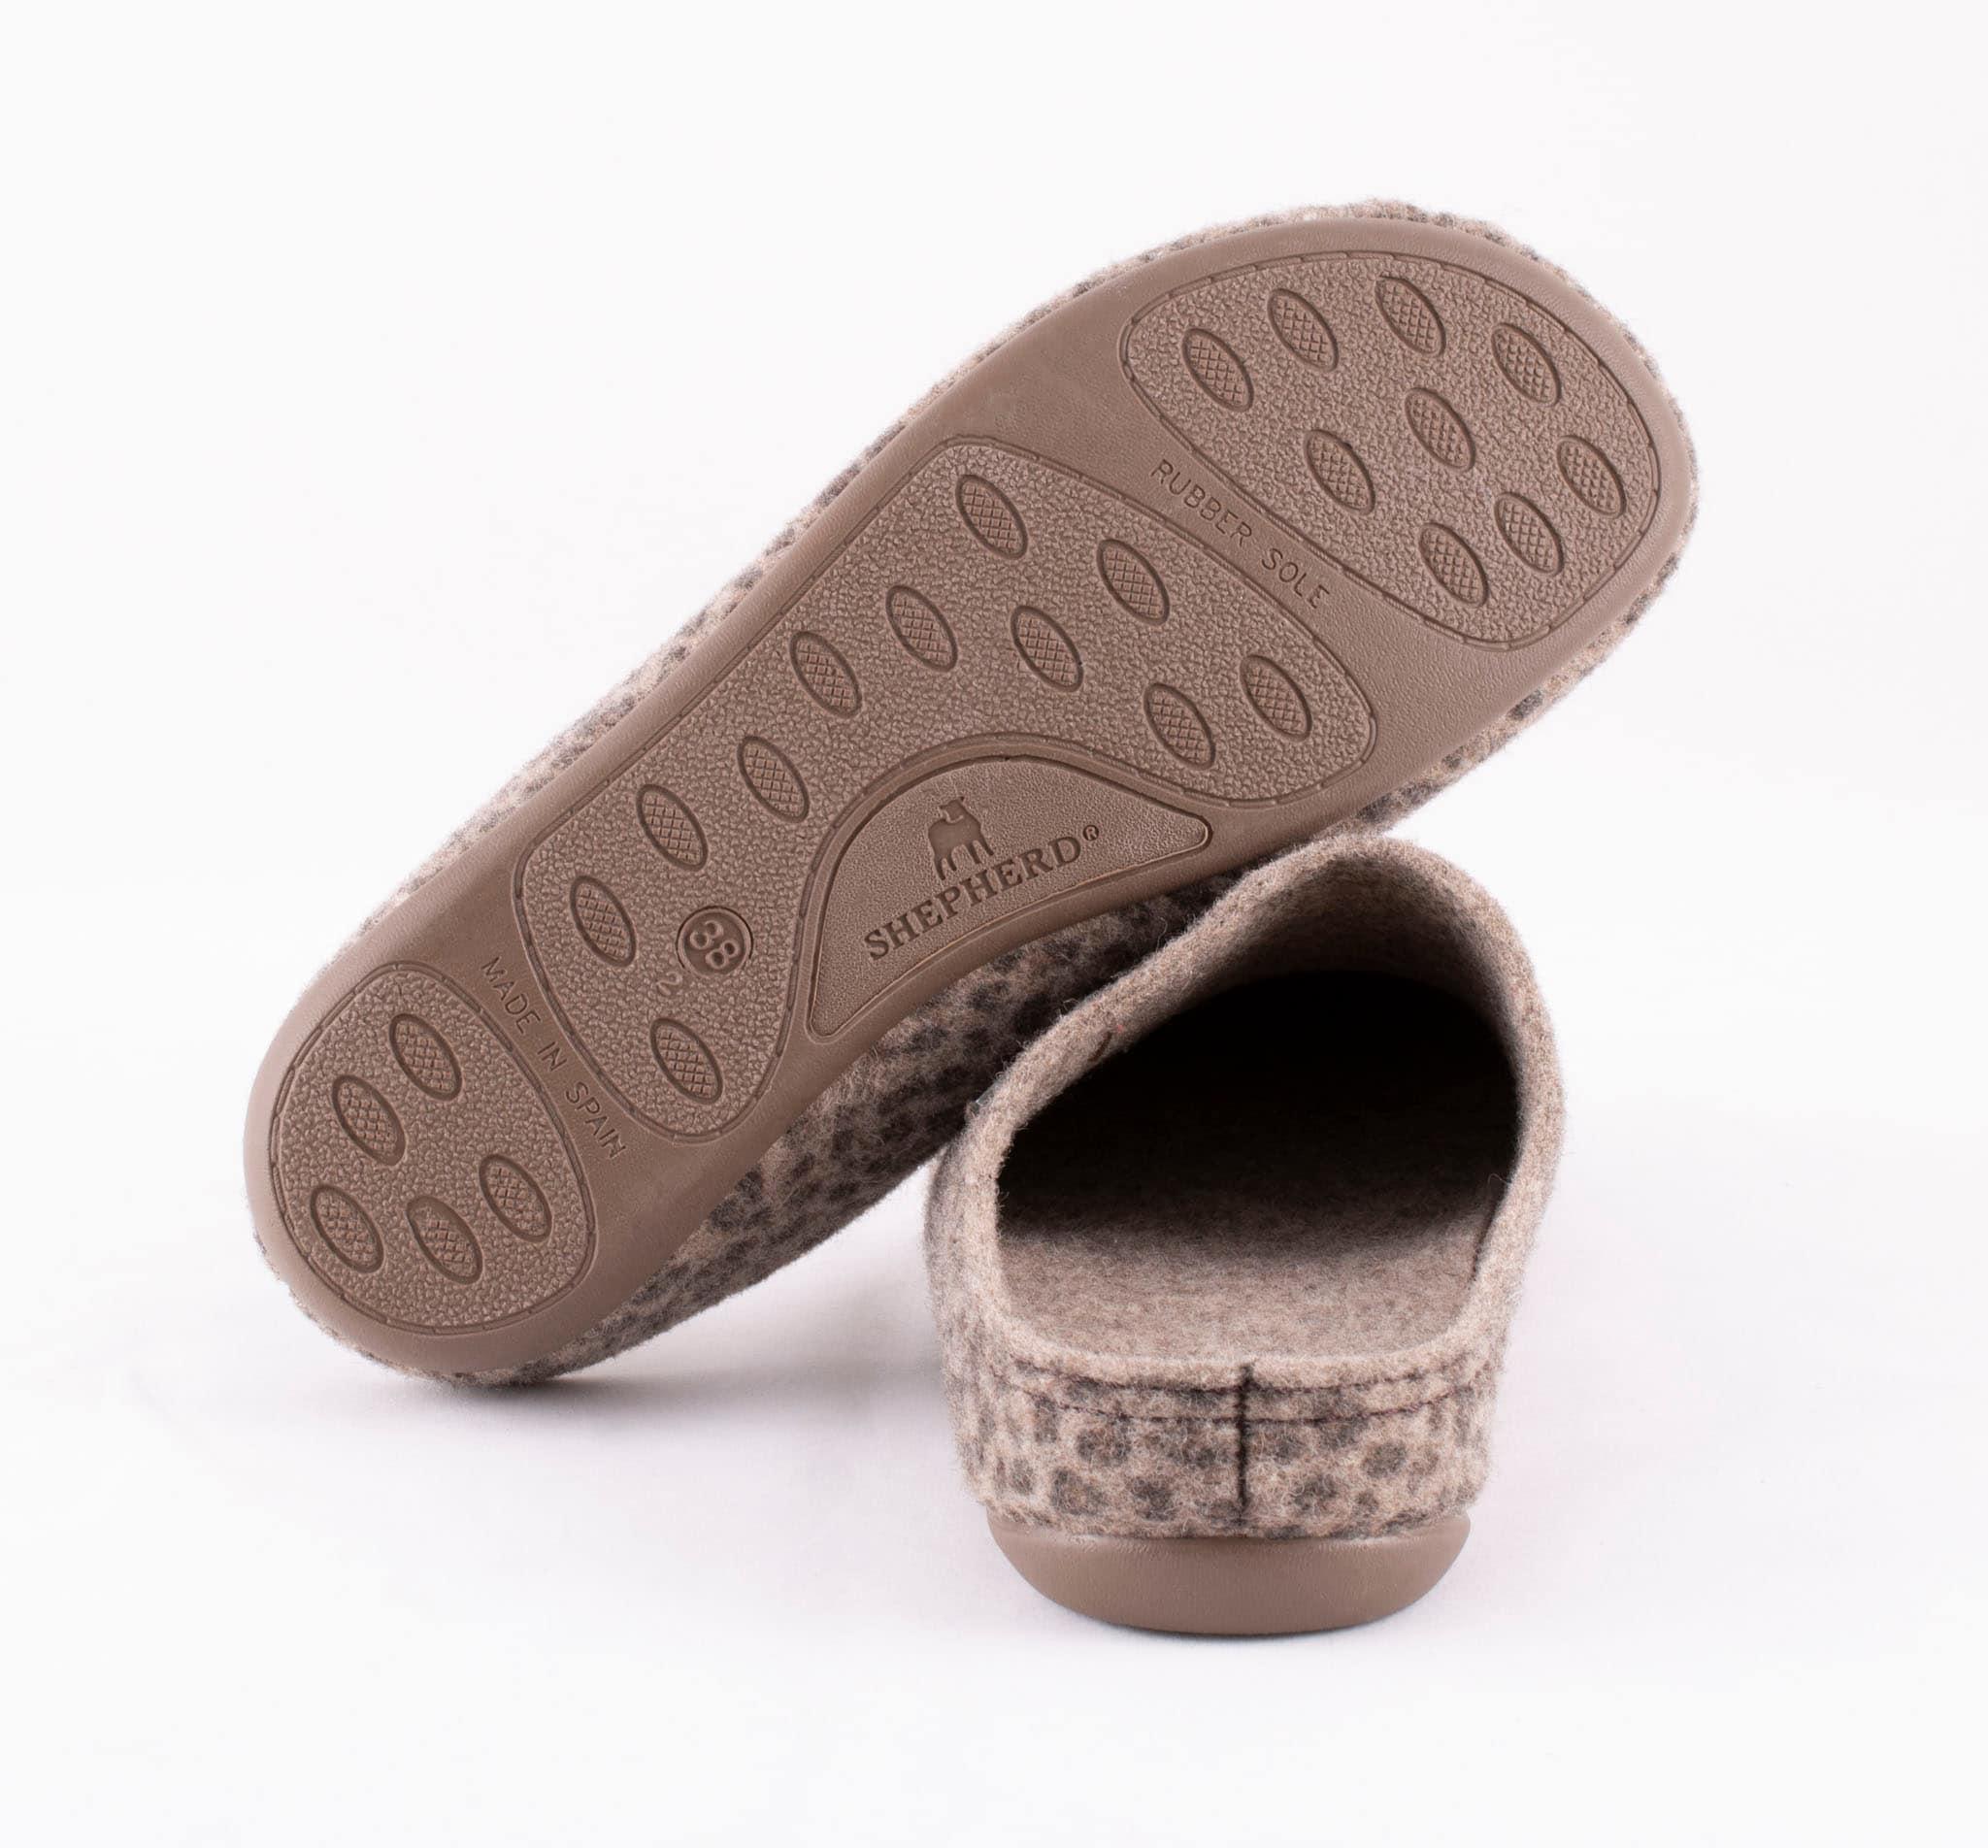 Cilla wool slippers Leopard patterned